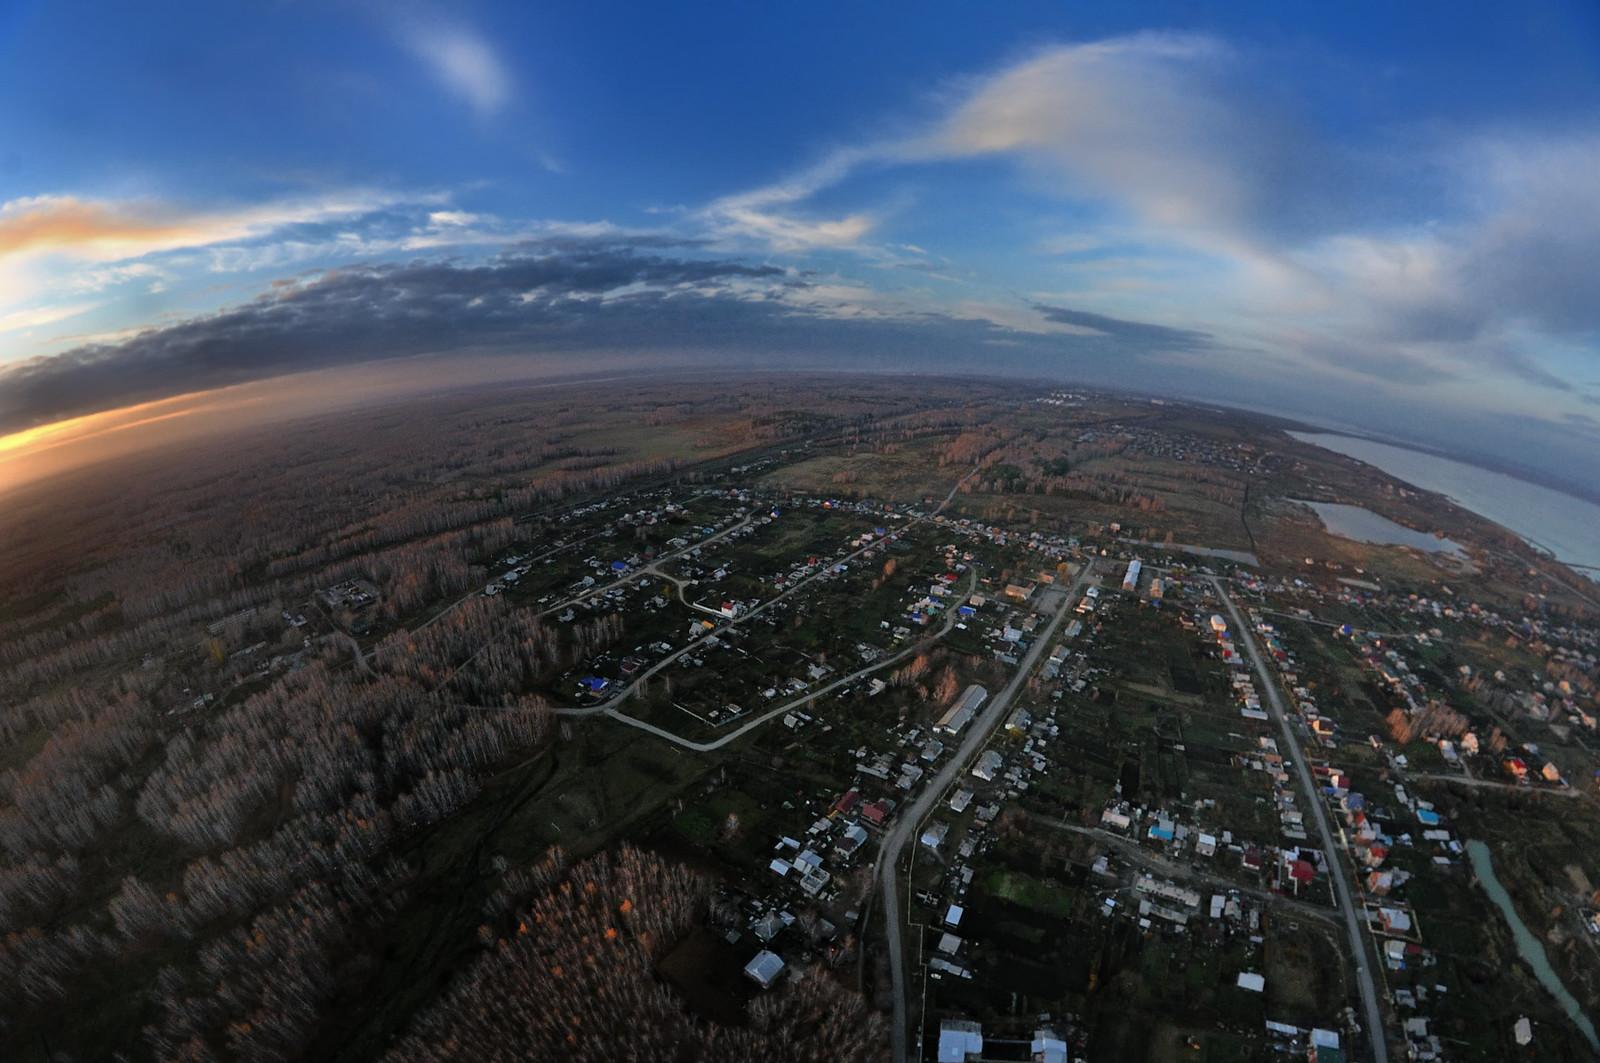 Съёмка на квадрокоптер Челябинск